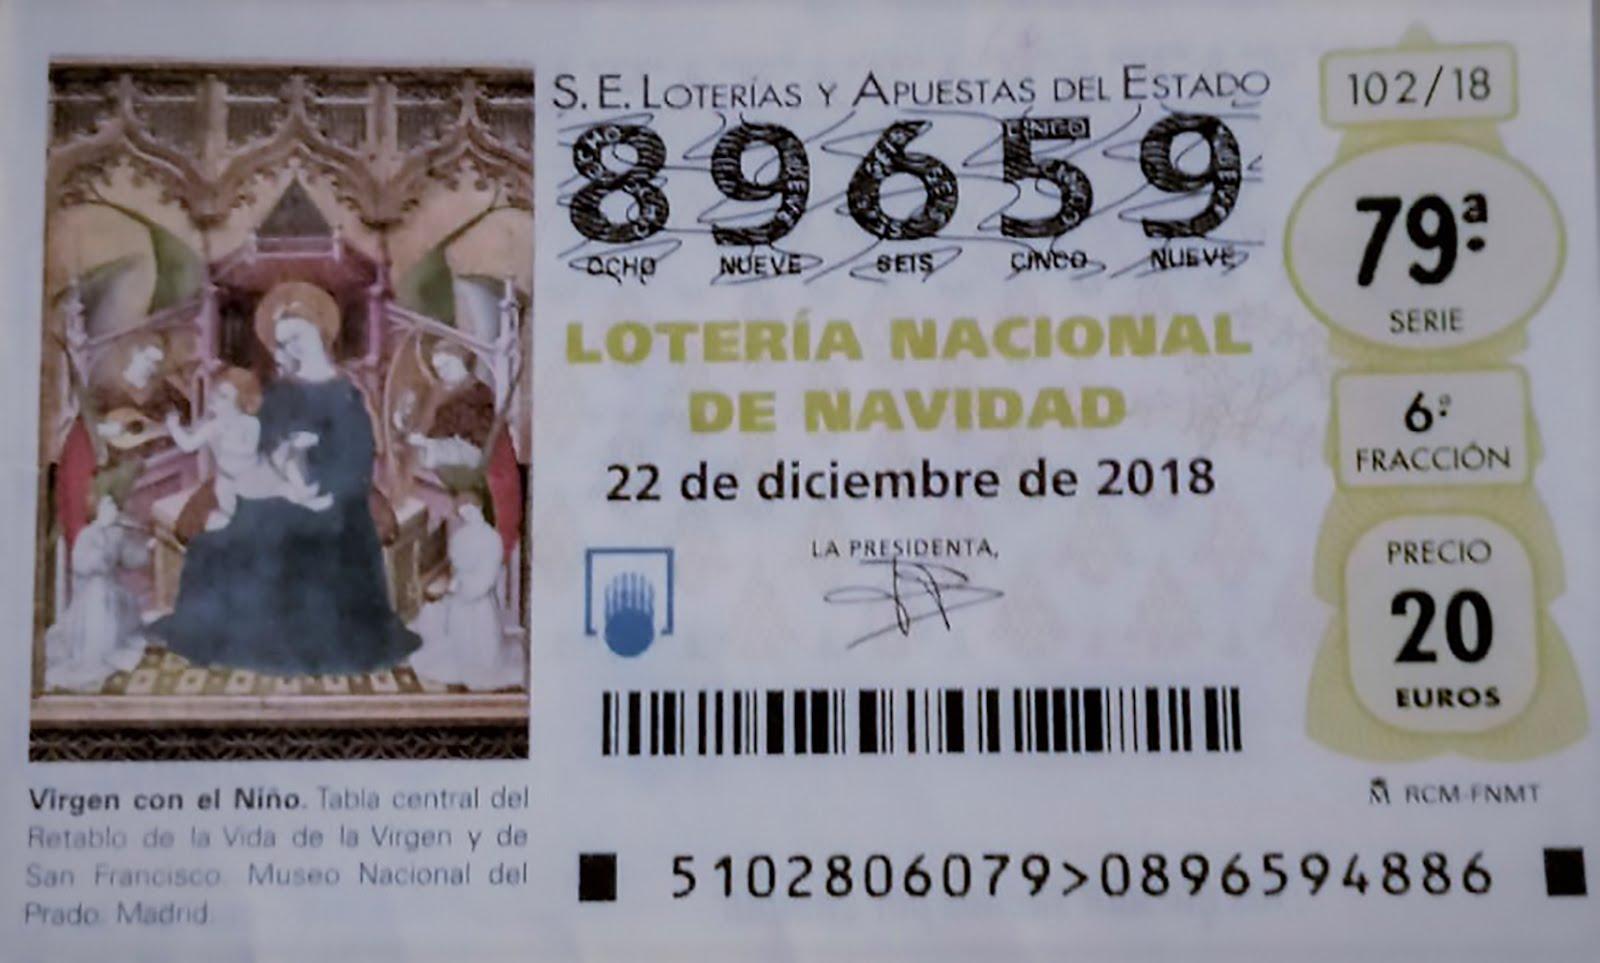 NUESTRA LOTERIA DE NAVIDAD